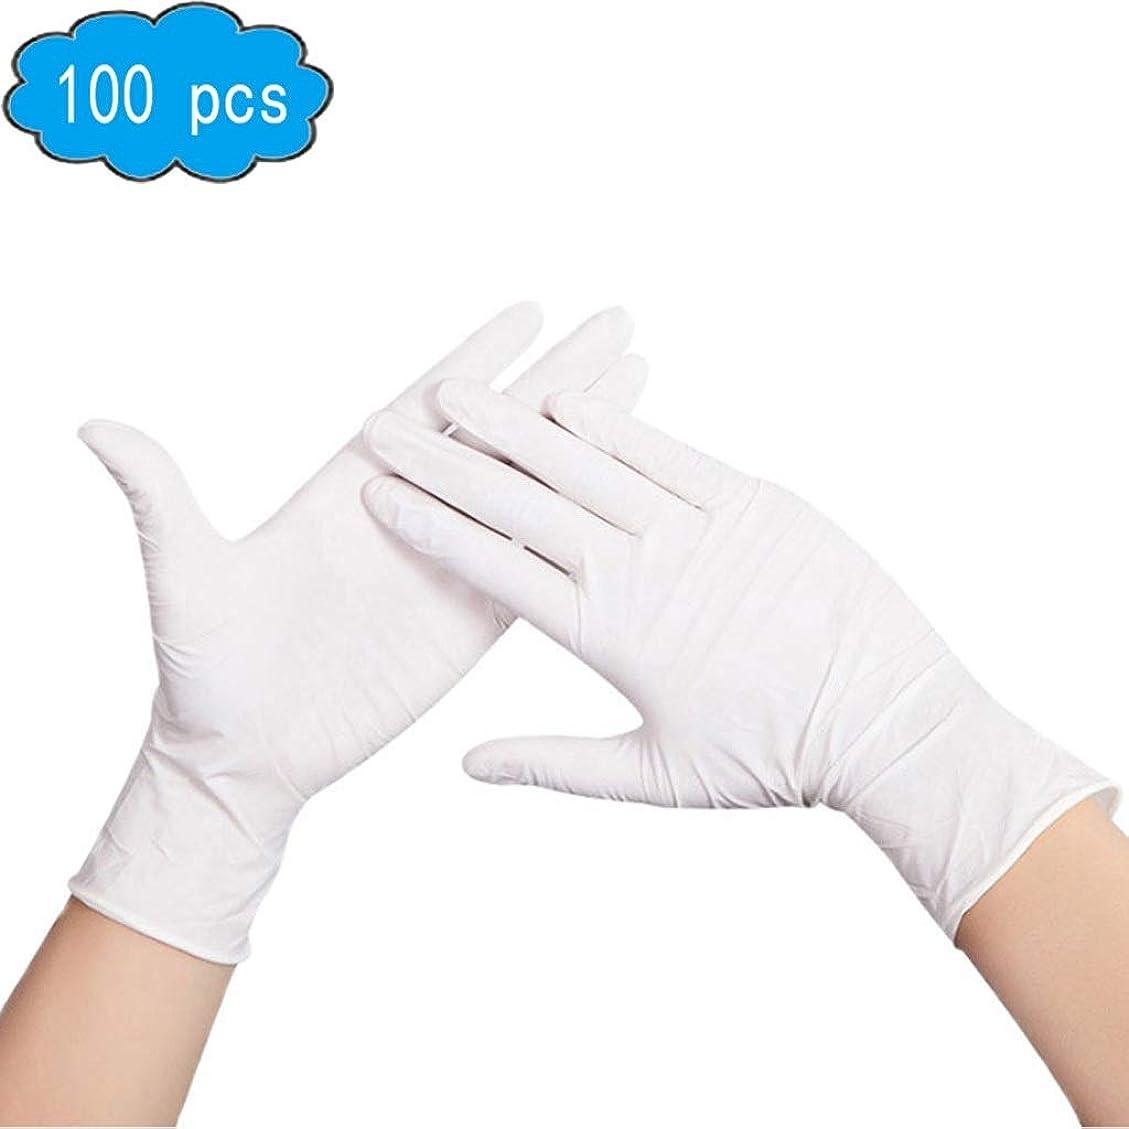 スタック除外する刺激するニトリル手袋、ラテックス医療検査用パウダーフリーの使い捨て手袋サイズ中 - 9